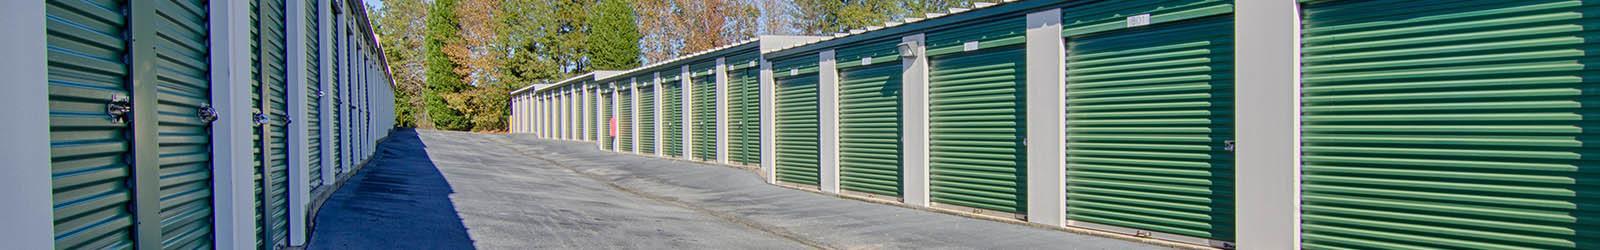 Perfect Directions To Stockbridge Self Storage